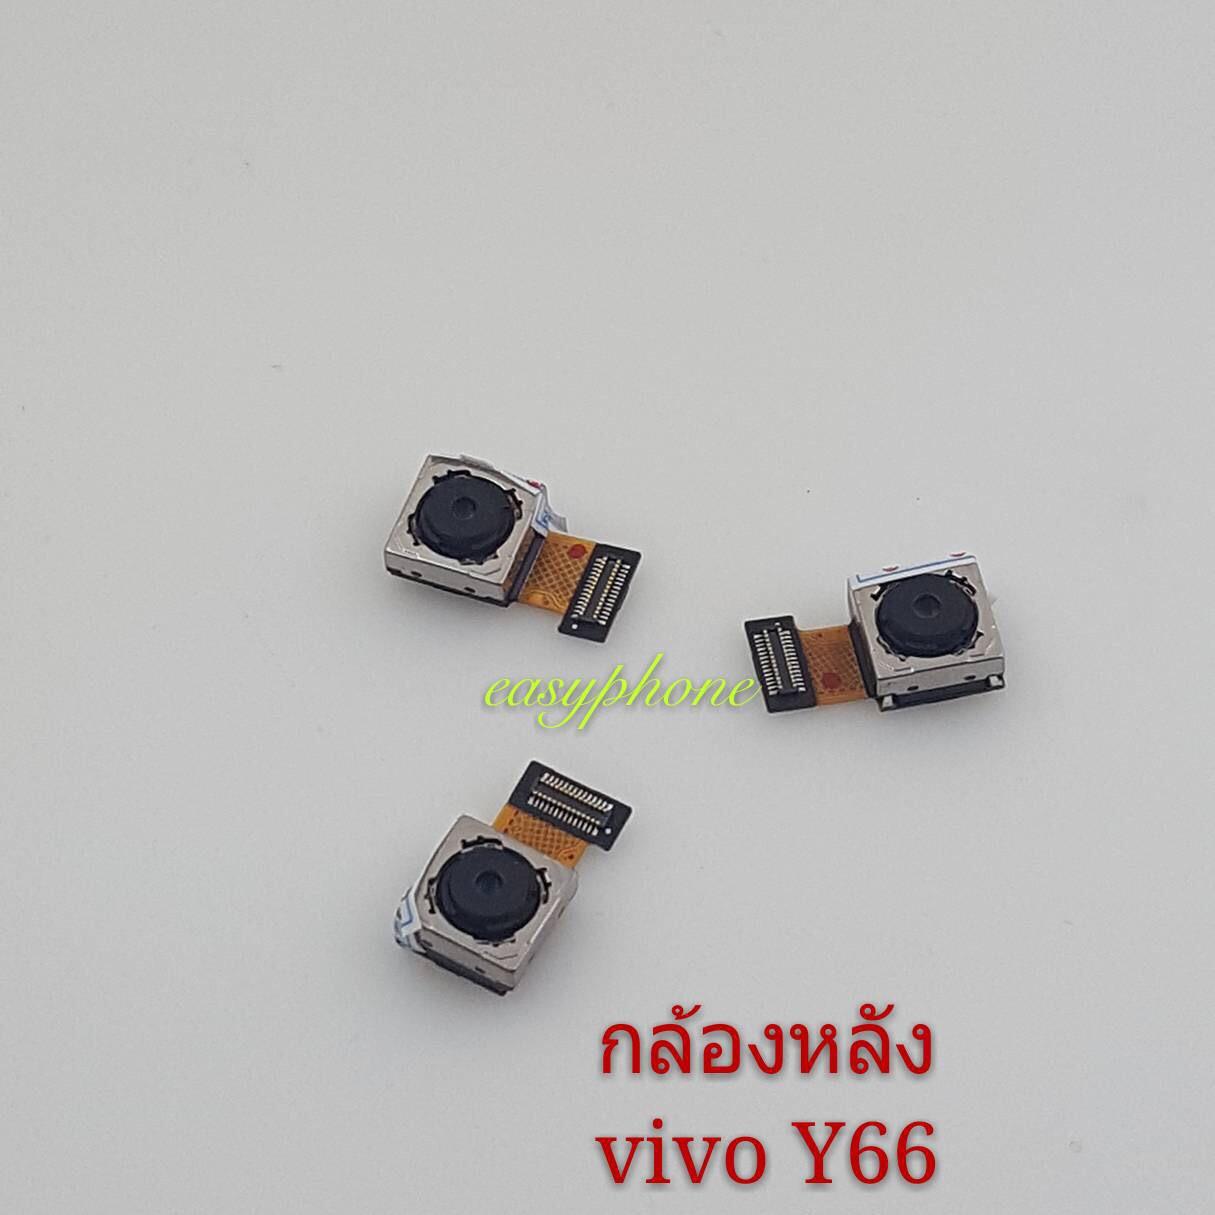 สายแพรกล้องหลัง Vivo Y66